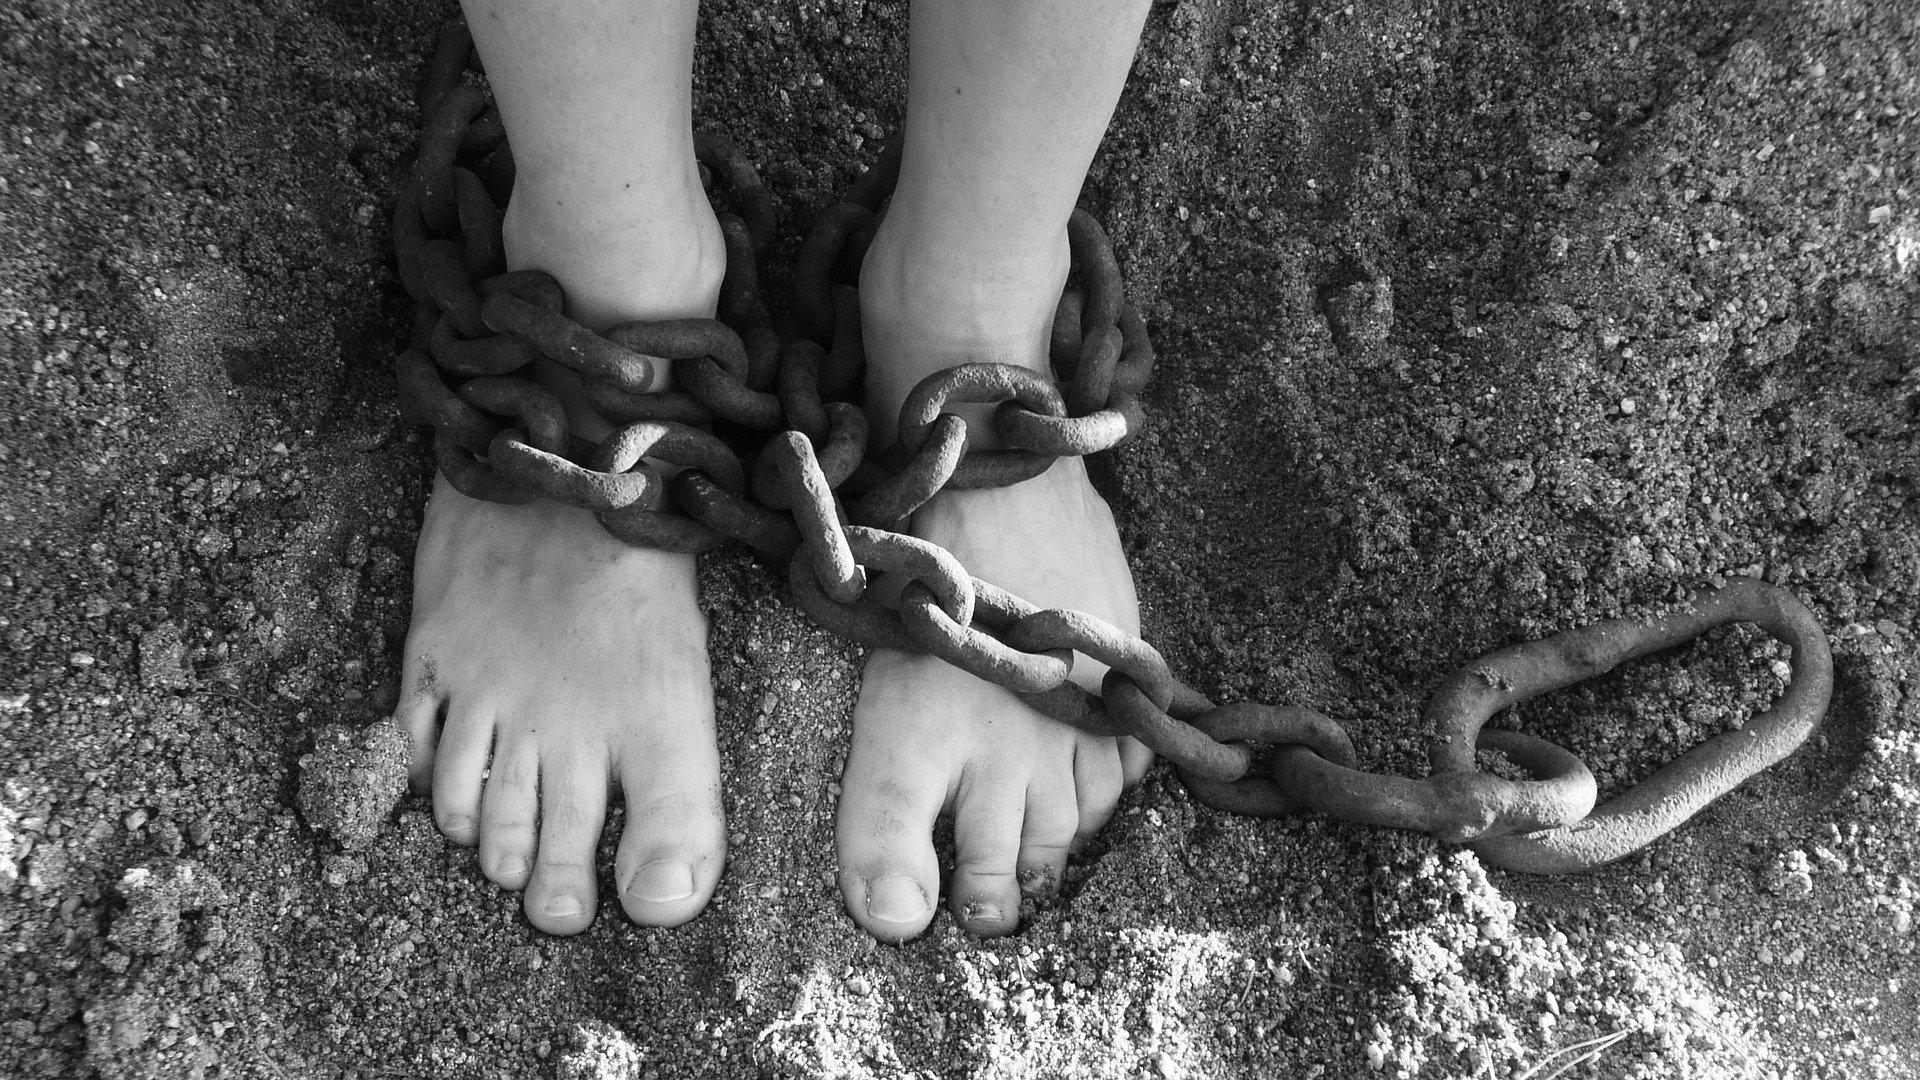 Niewolnictwo to wciąż aktualny problem.